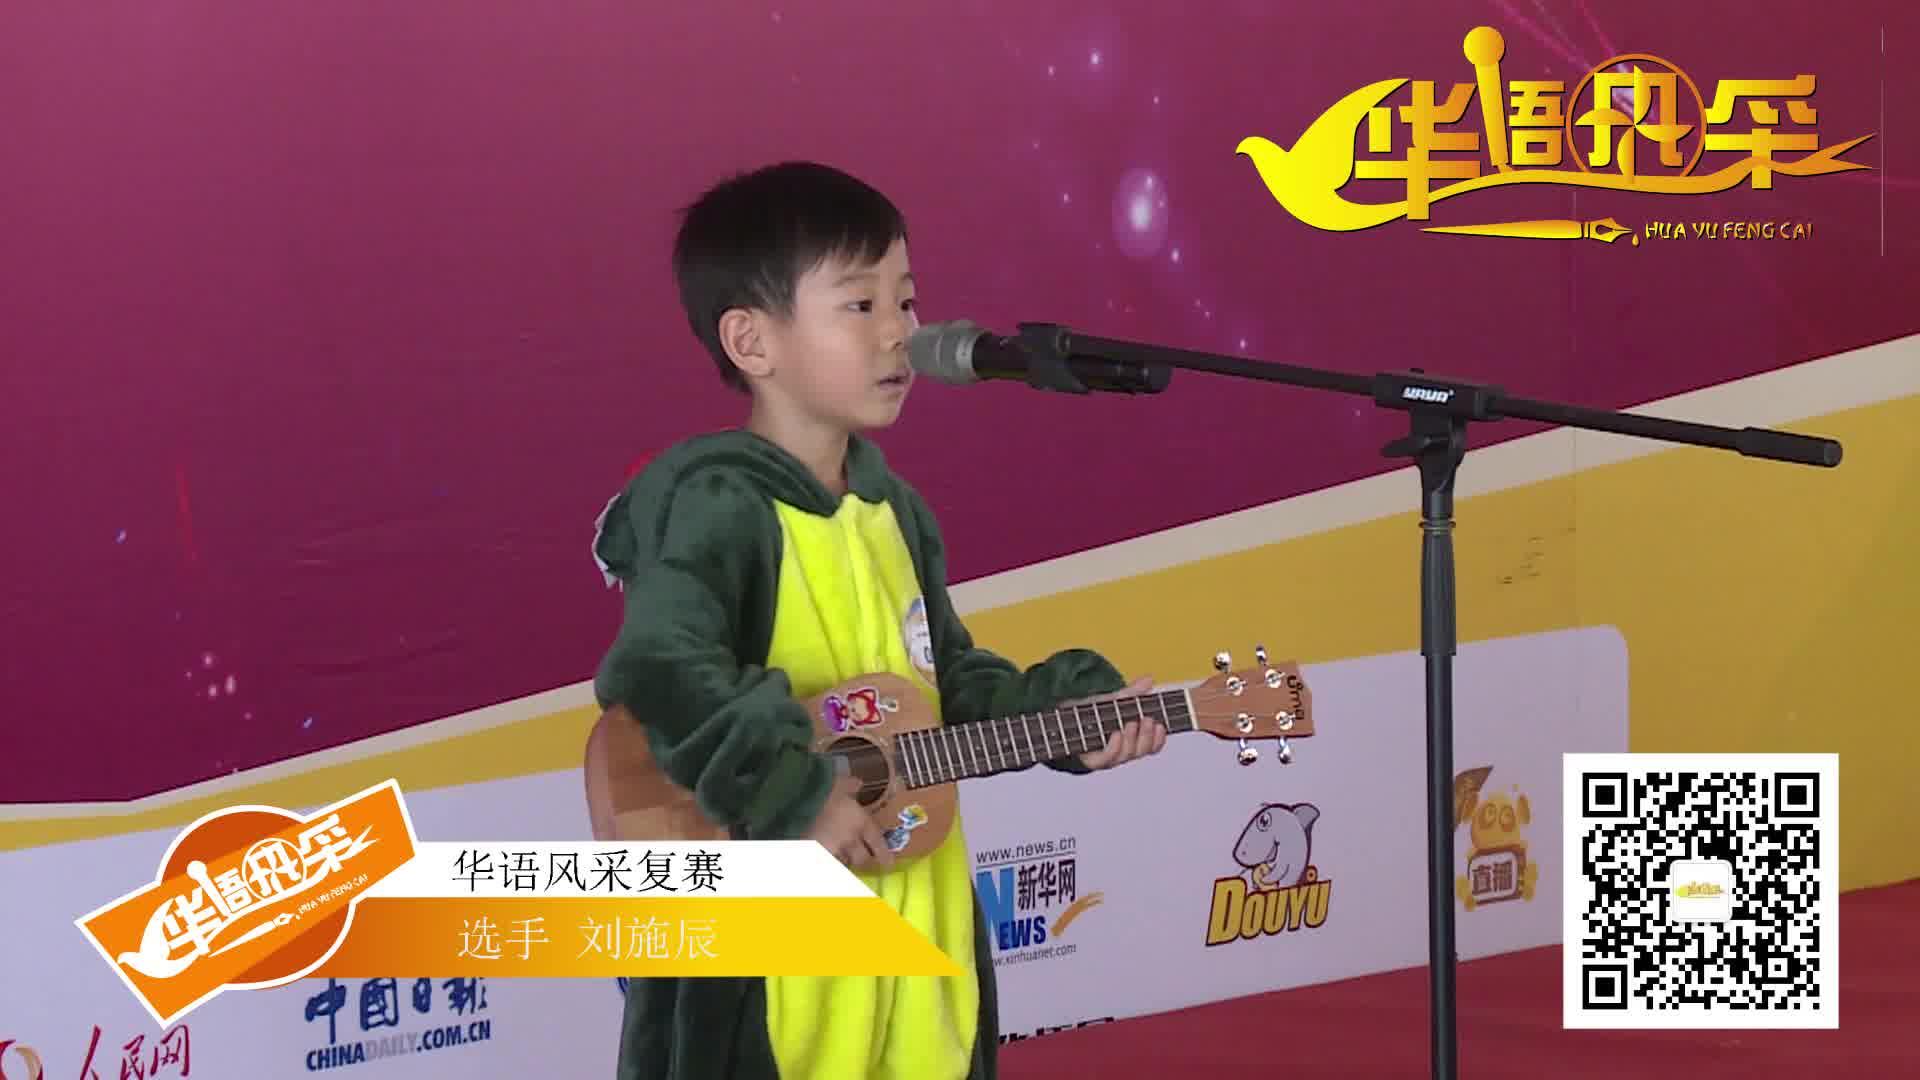 02号选手:刘施辰